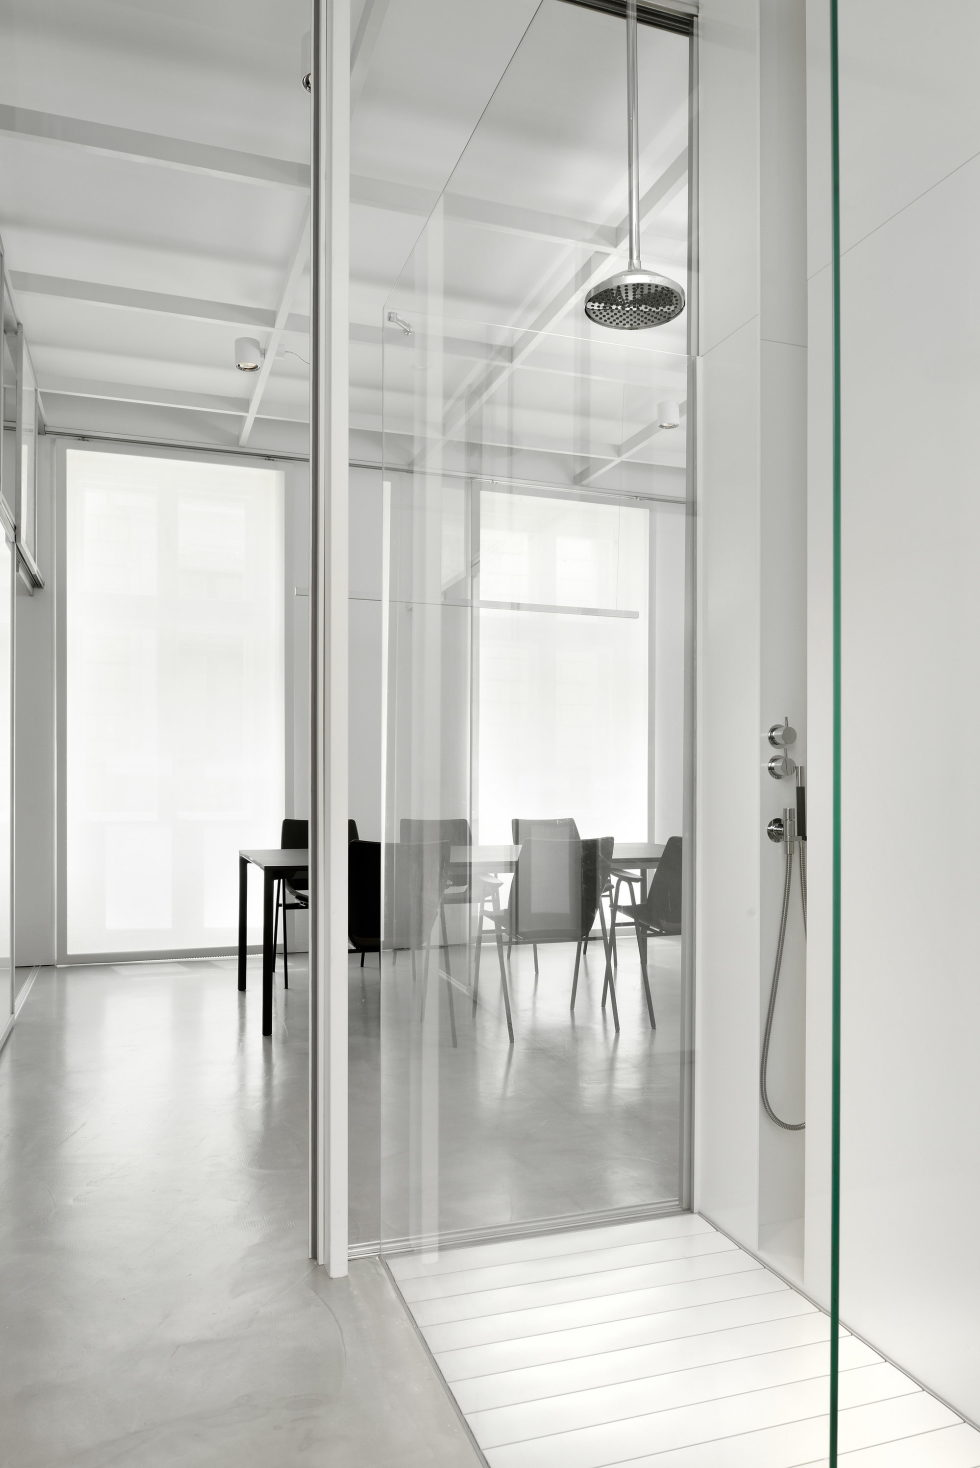 Apartment SP in Ljubljana, Slovenia by SADAR+VUGA studio 15